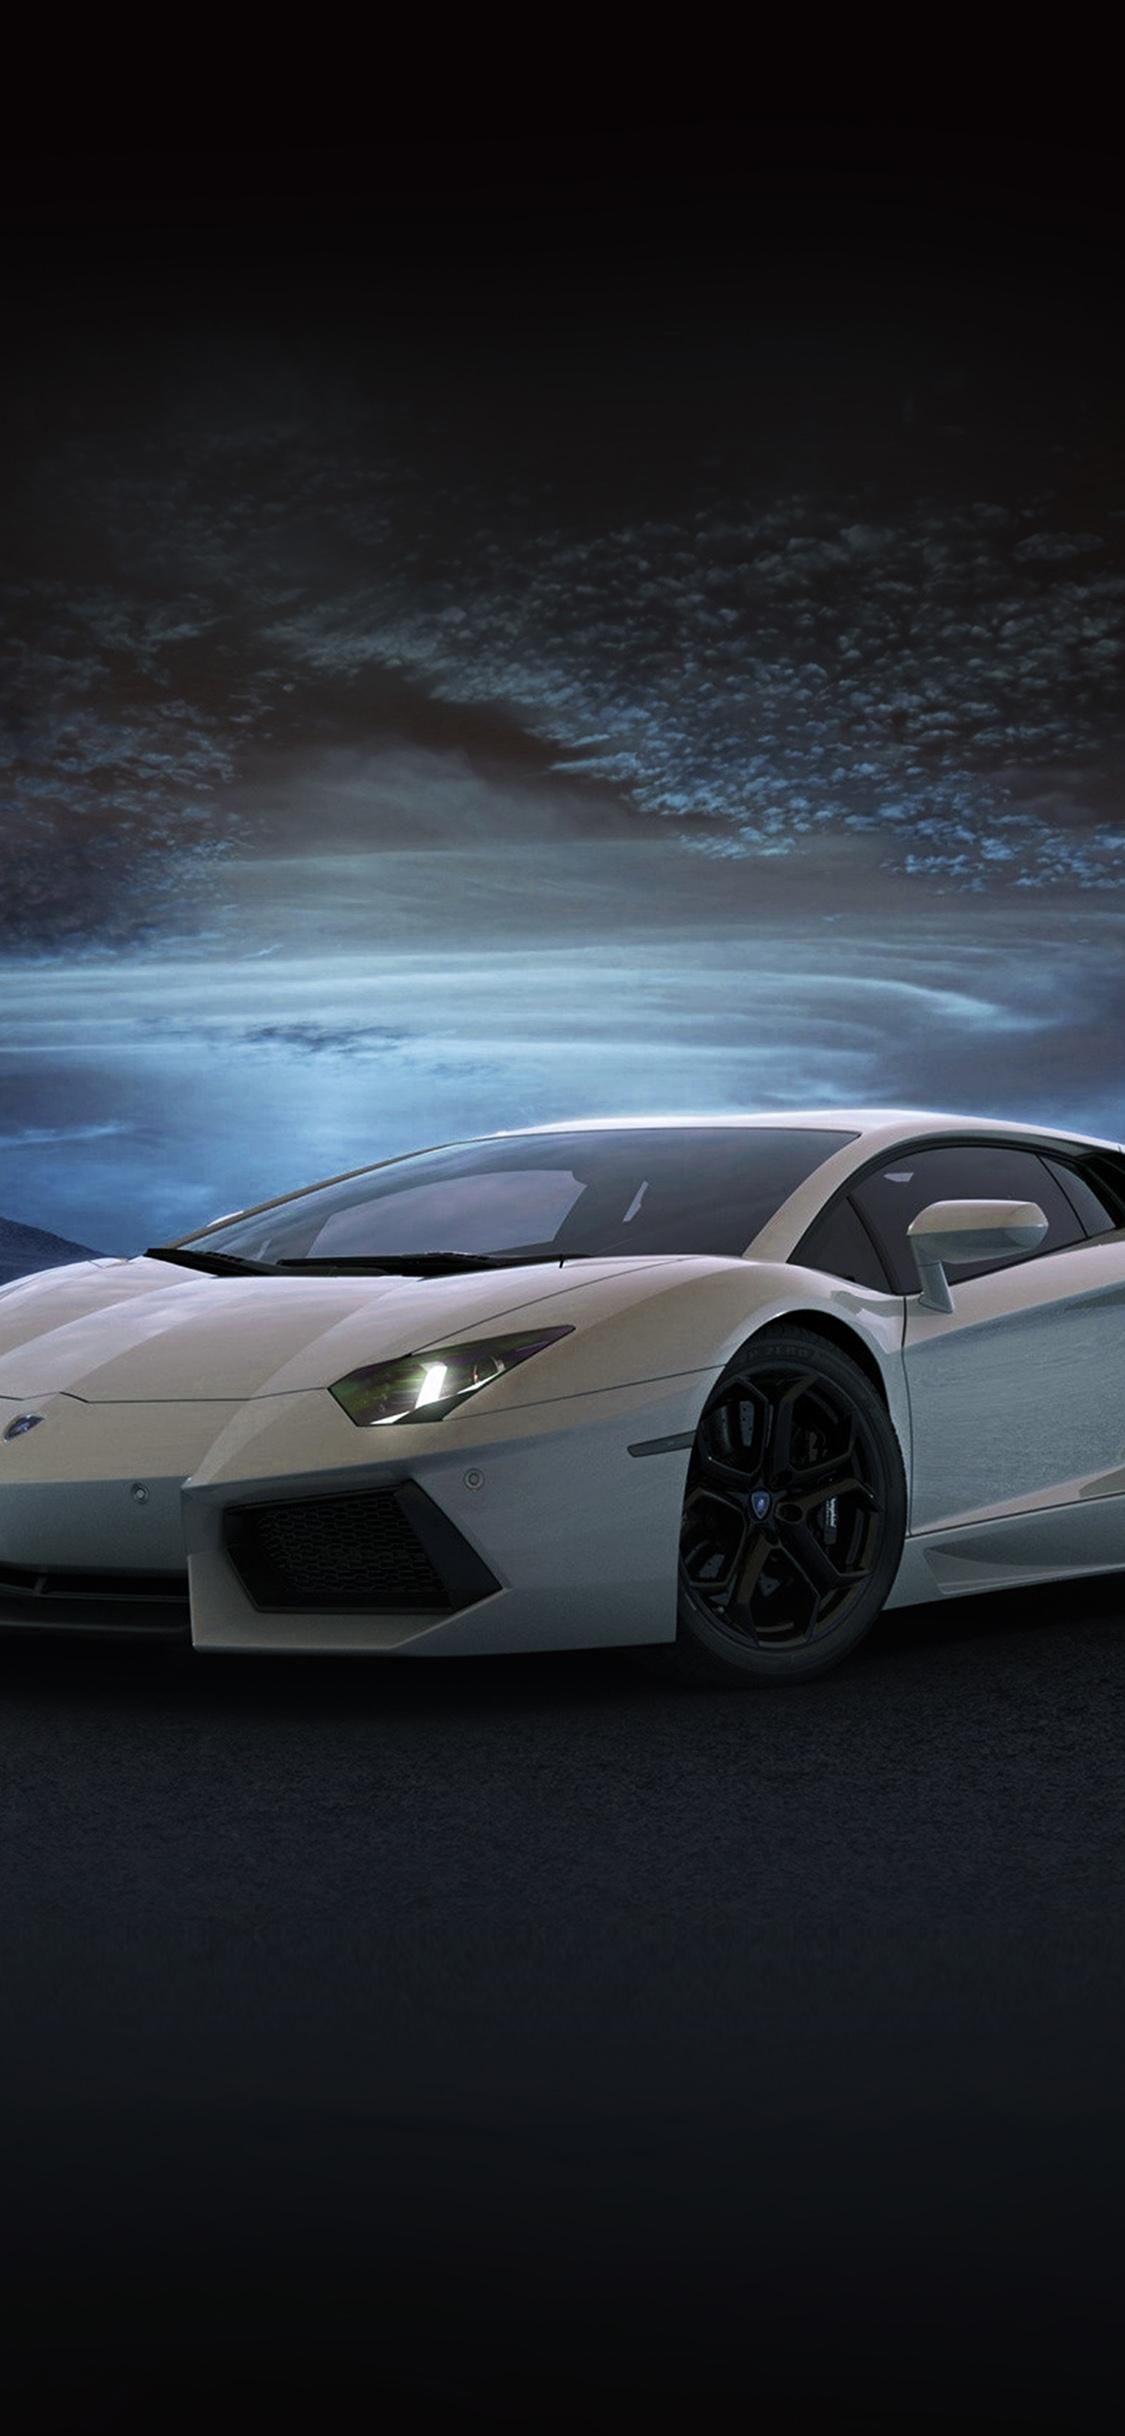 Lamborghini Aventador Wallpaper Hd , HD Wallpaper & Backgrounds